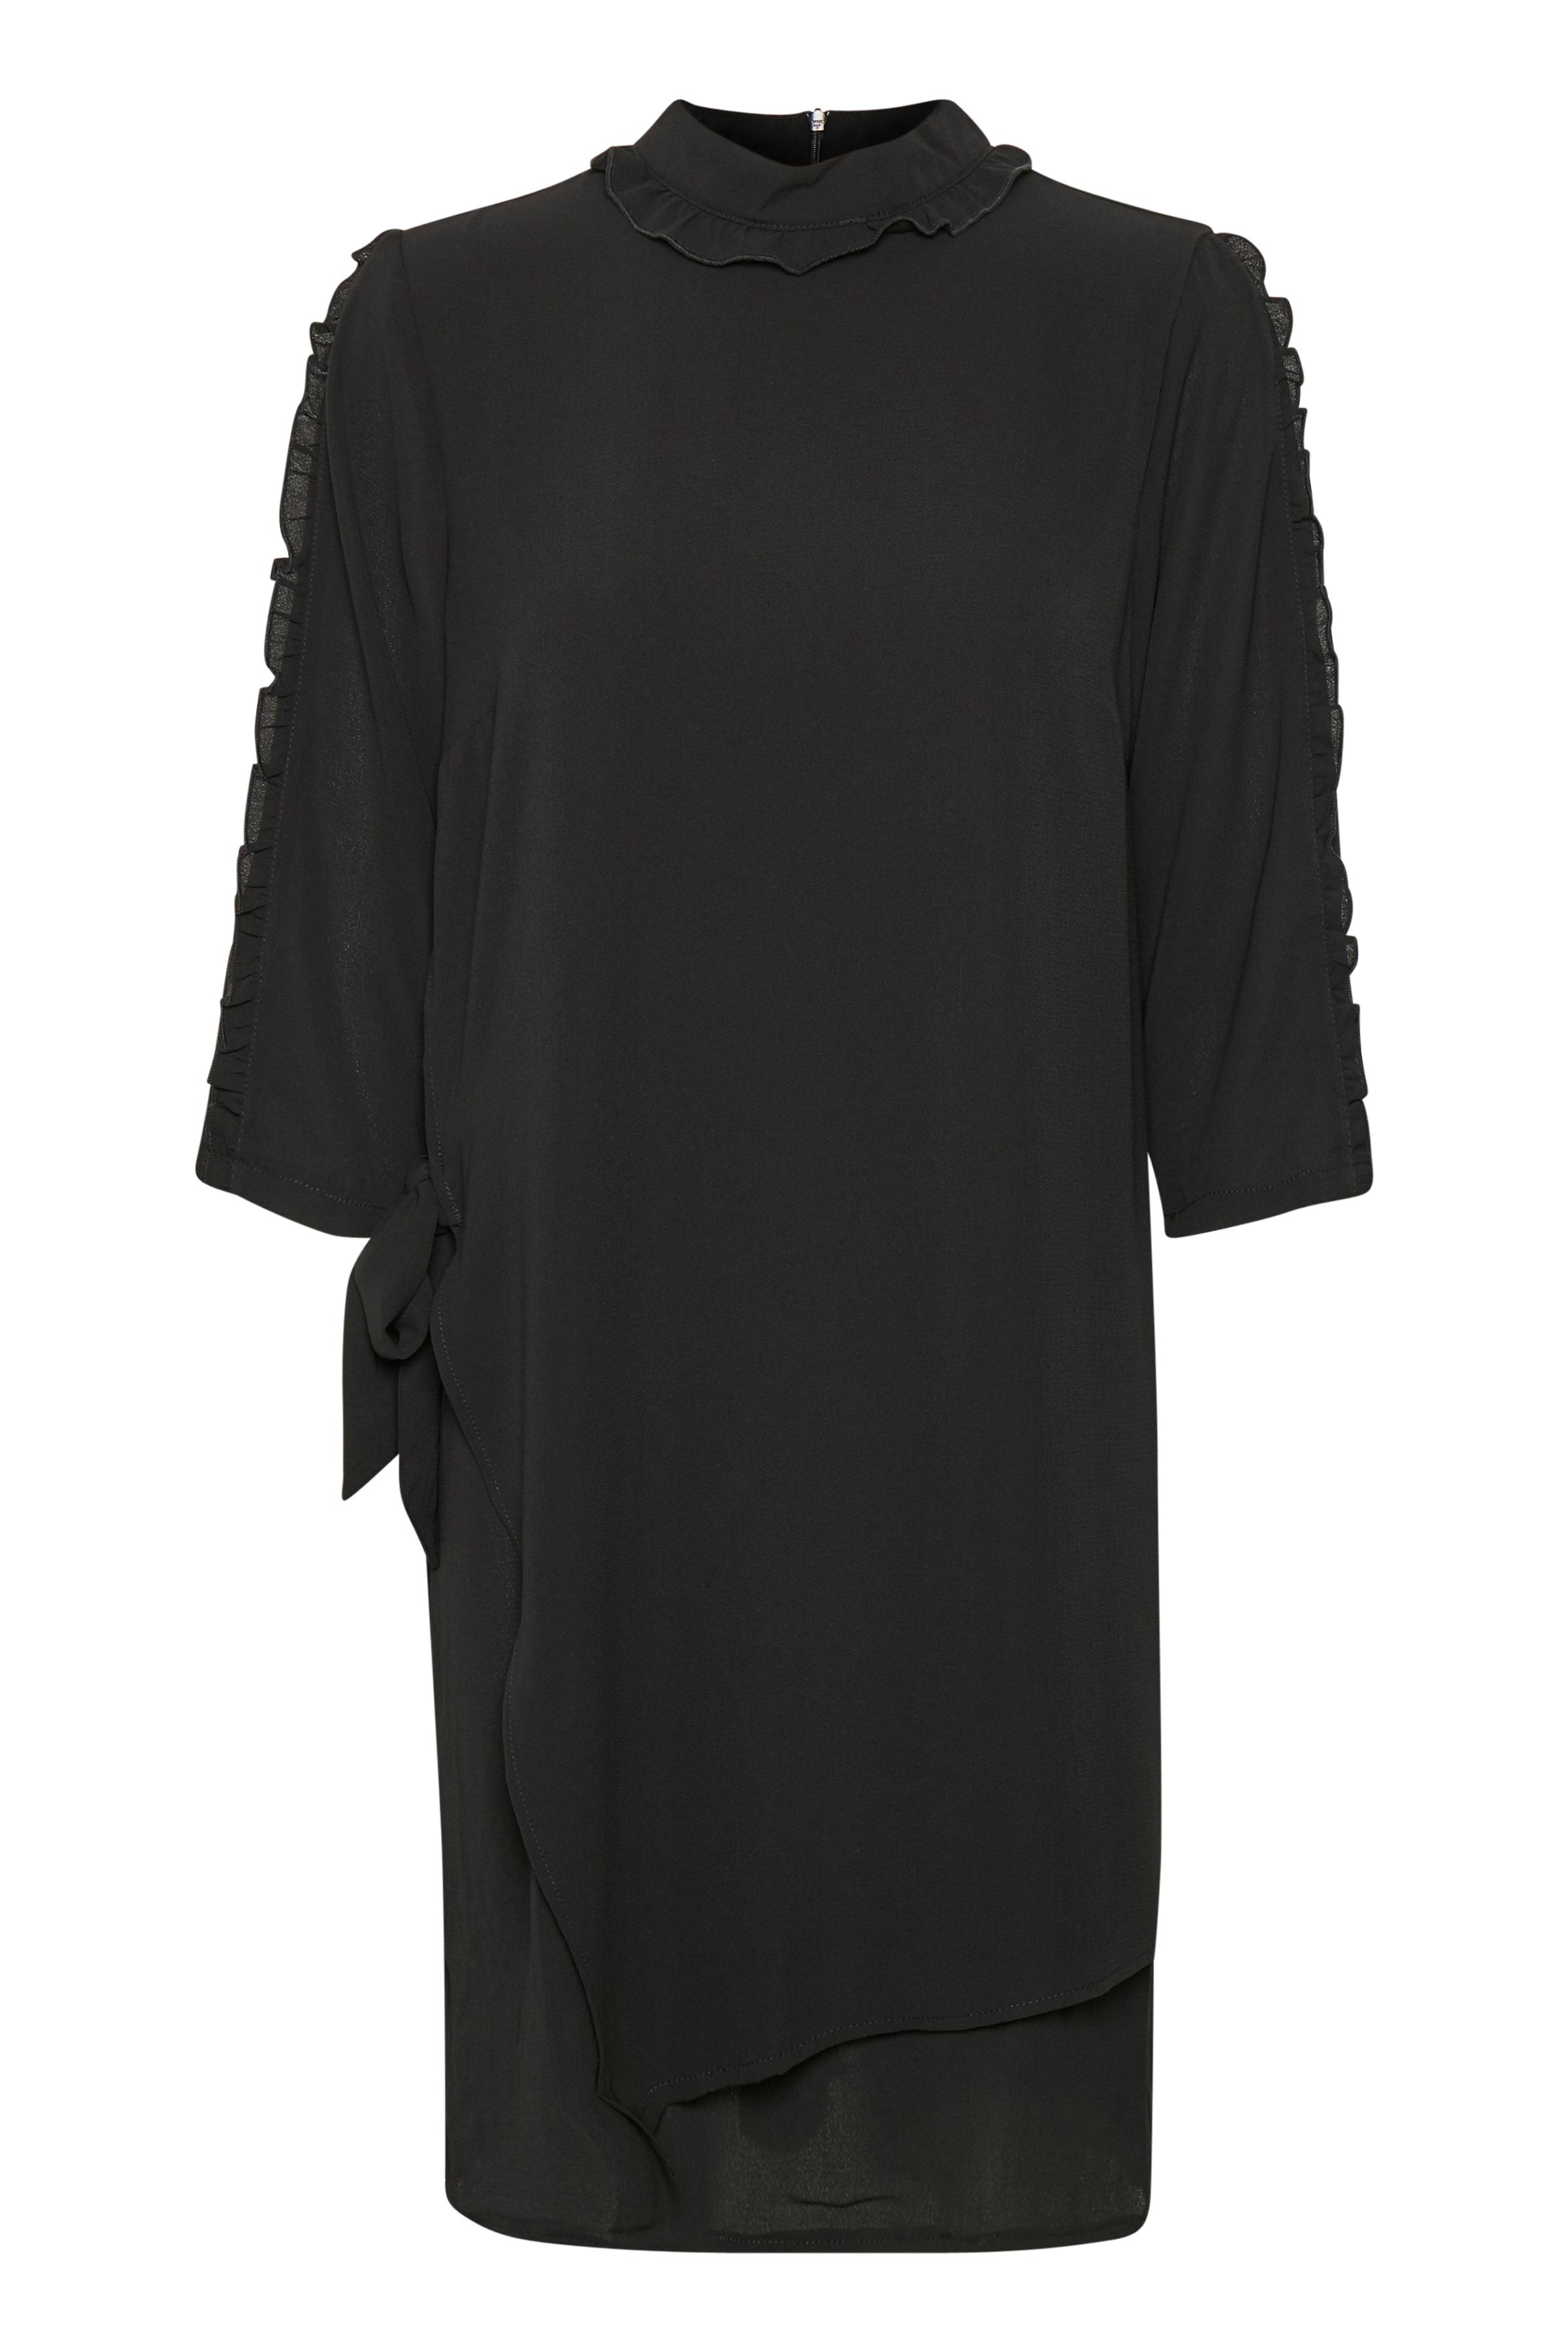 Schwarz Kleid von Kaffe – Shoppen Sie Schwarz Kleid ab Gr. 34-46 hier